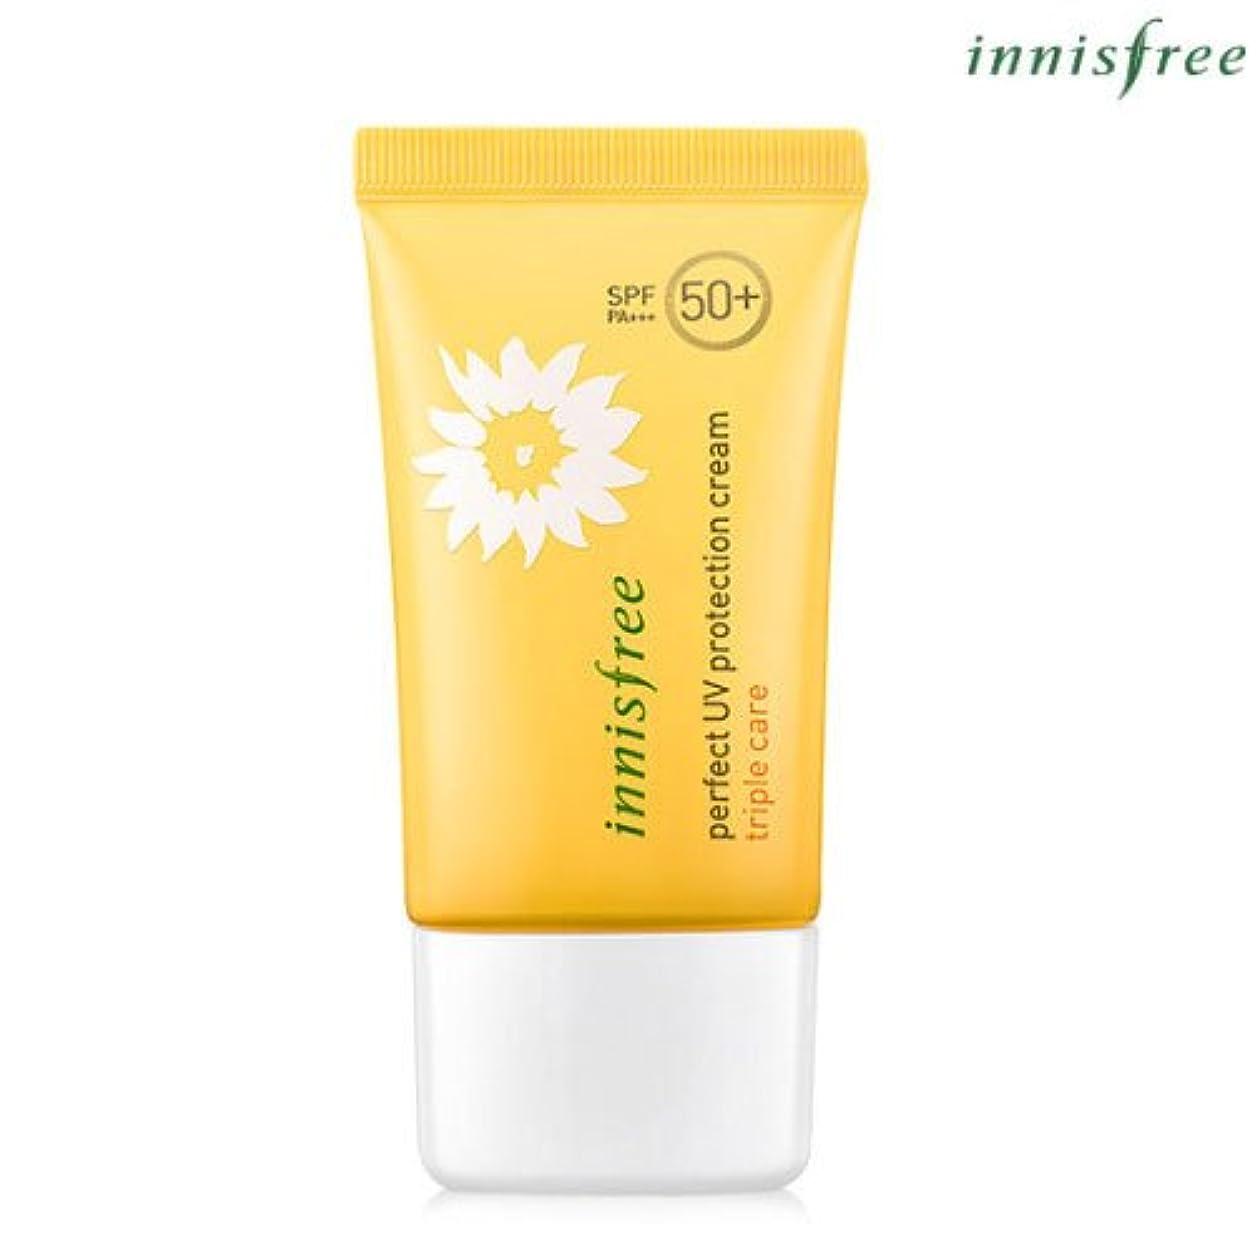 呼び出す仲人ヘロイン[INNISFREE]イニスフリーパーフェクトUV プロテクション クリームトリプルケアSPF50+ PA+++ 50mL perfect UV protection cream triple care SPF50+ PA...